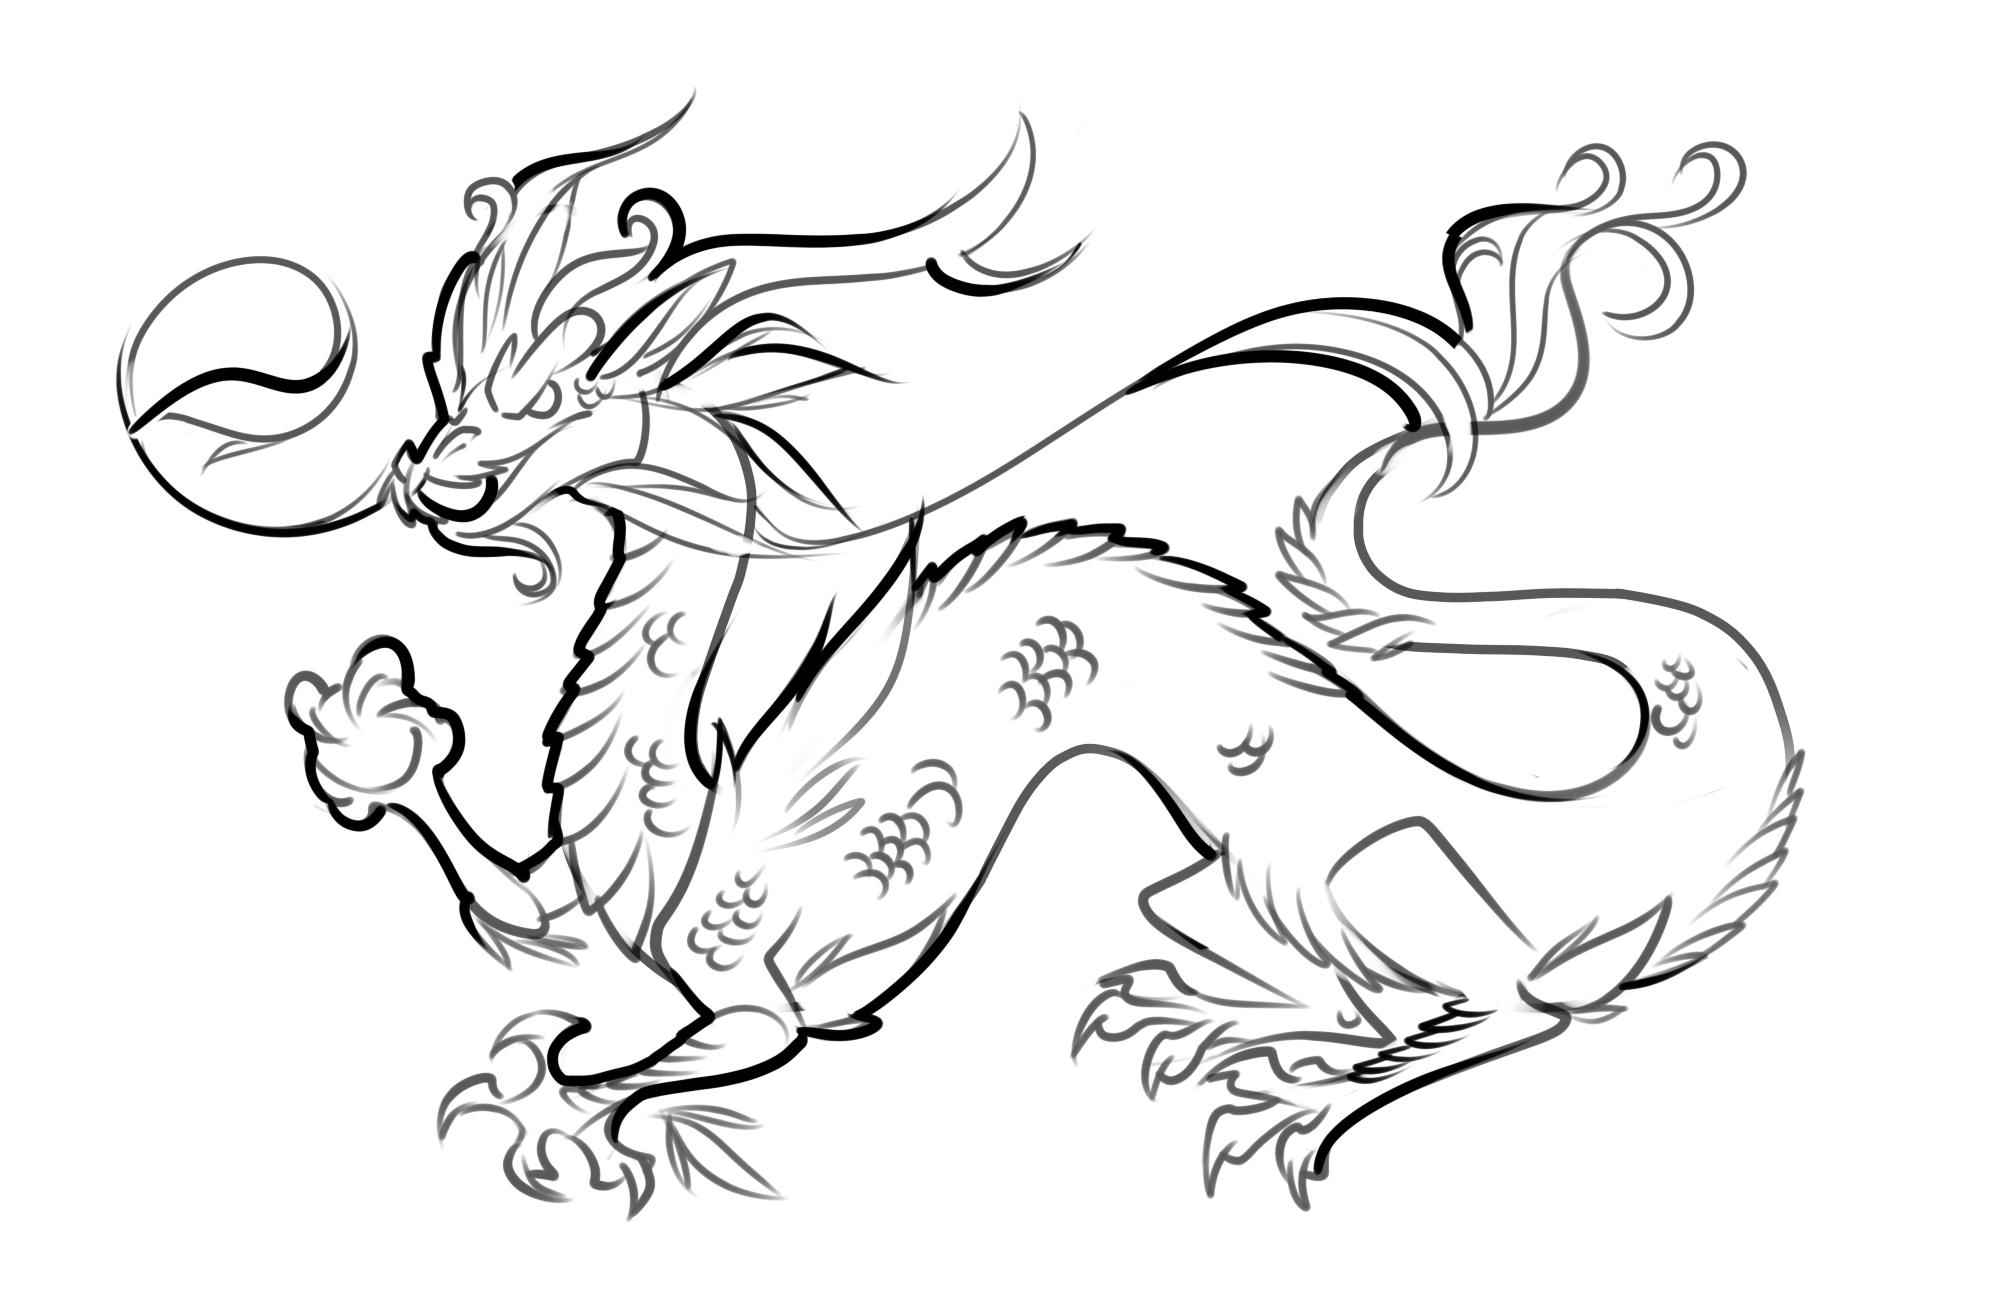 1990x1316 Japan Dragon Coloring Colori Dragon